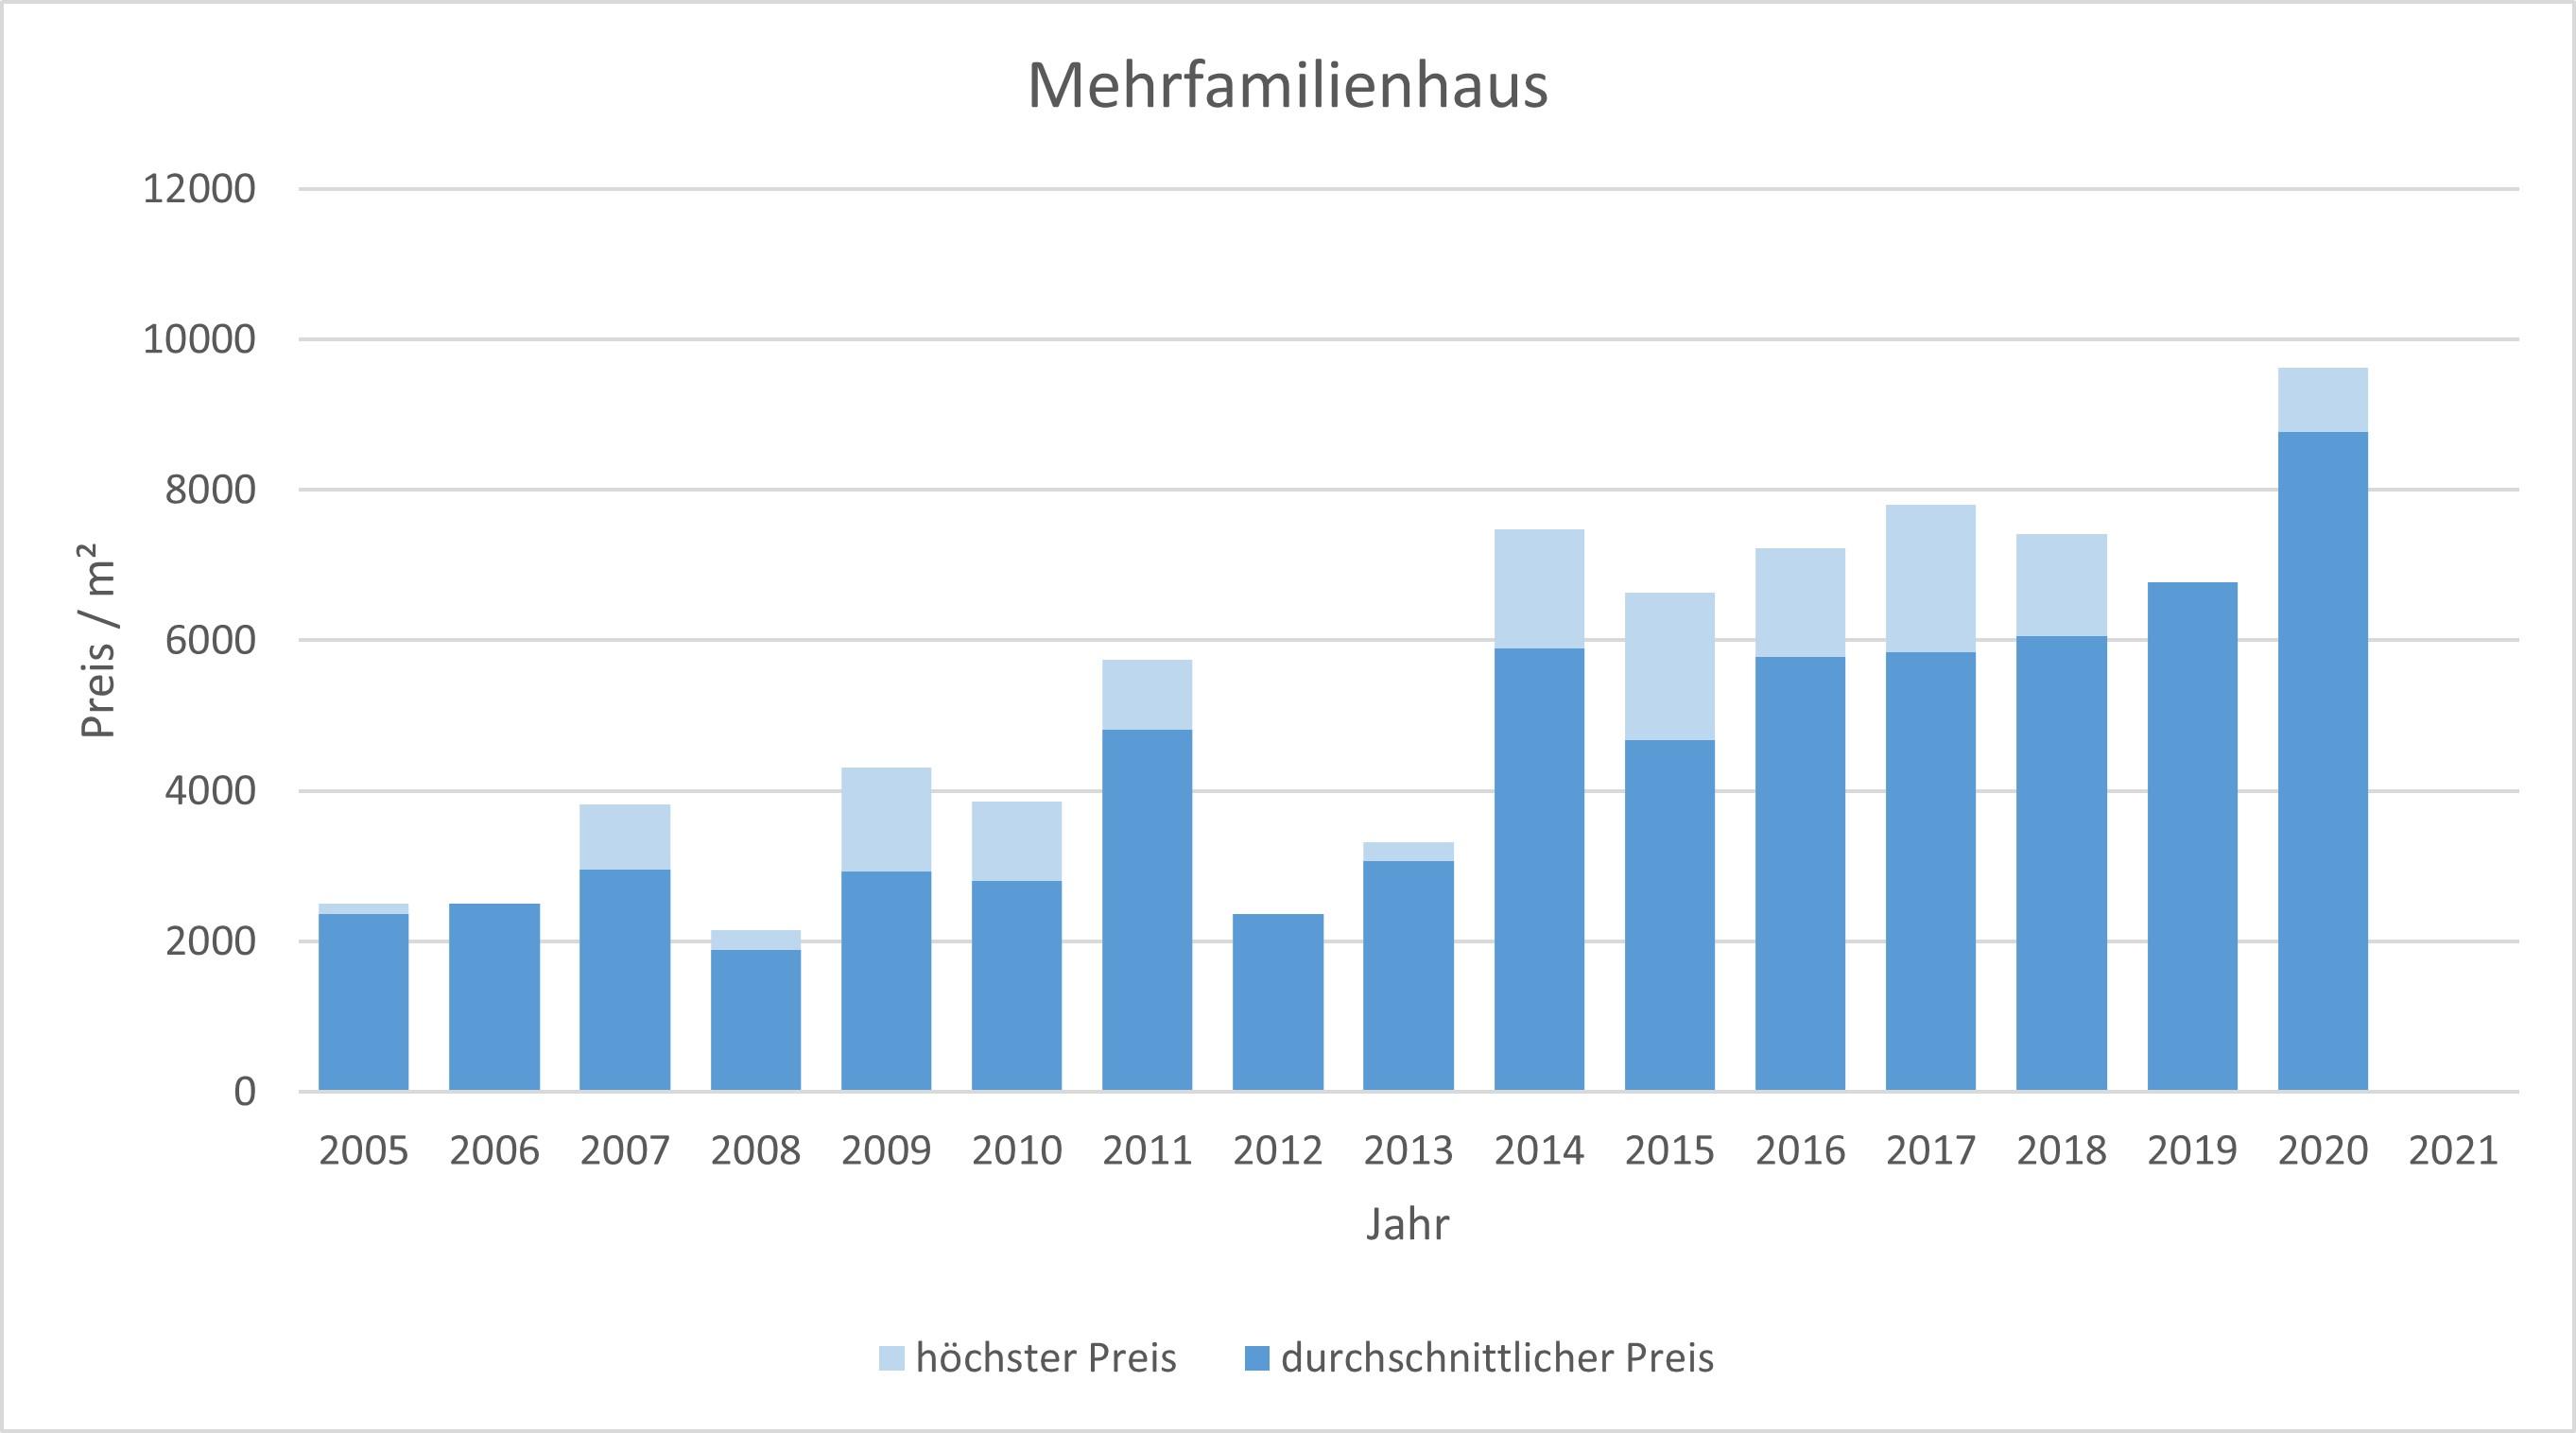 Krailling Mehrfamilienhaus kaufen verkaufen Preis Bewertung Makler www.happy-immo.de 2019 2020 2021